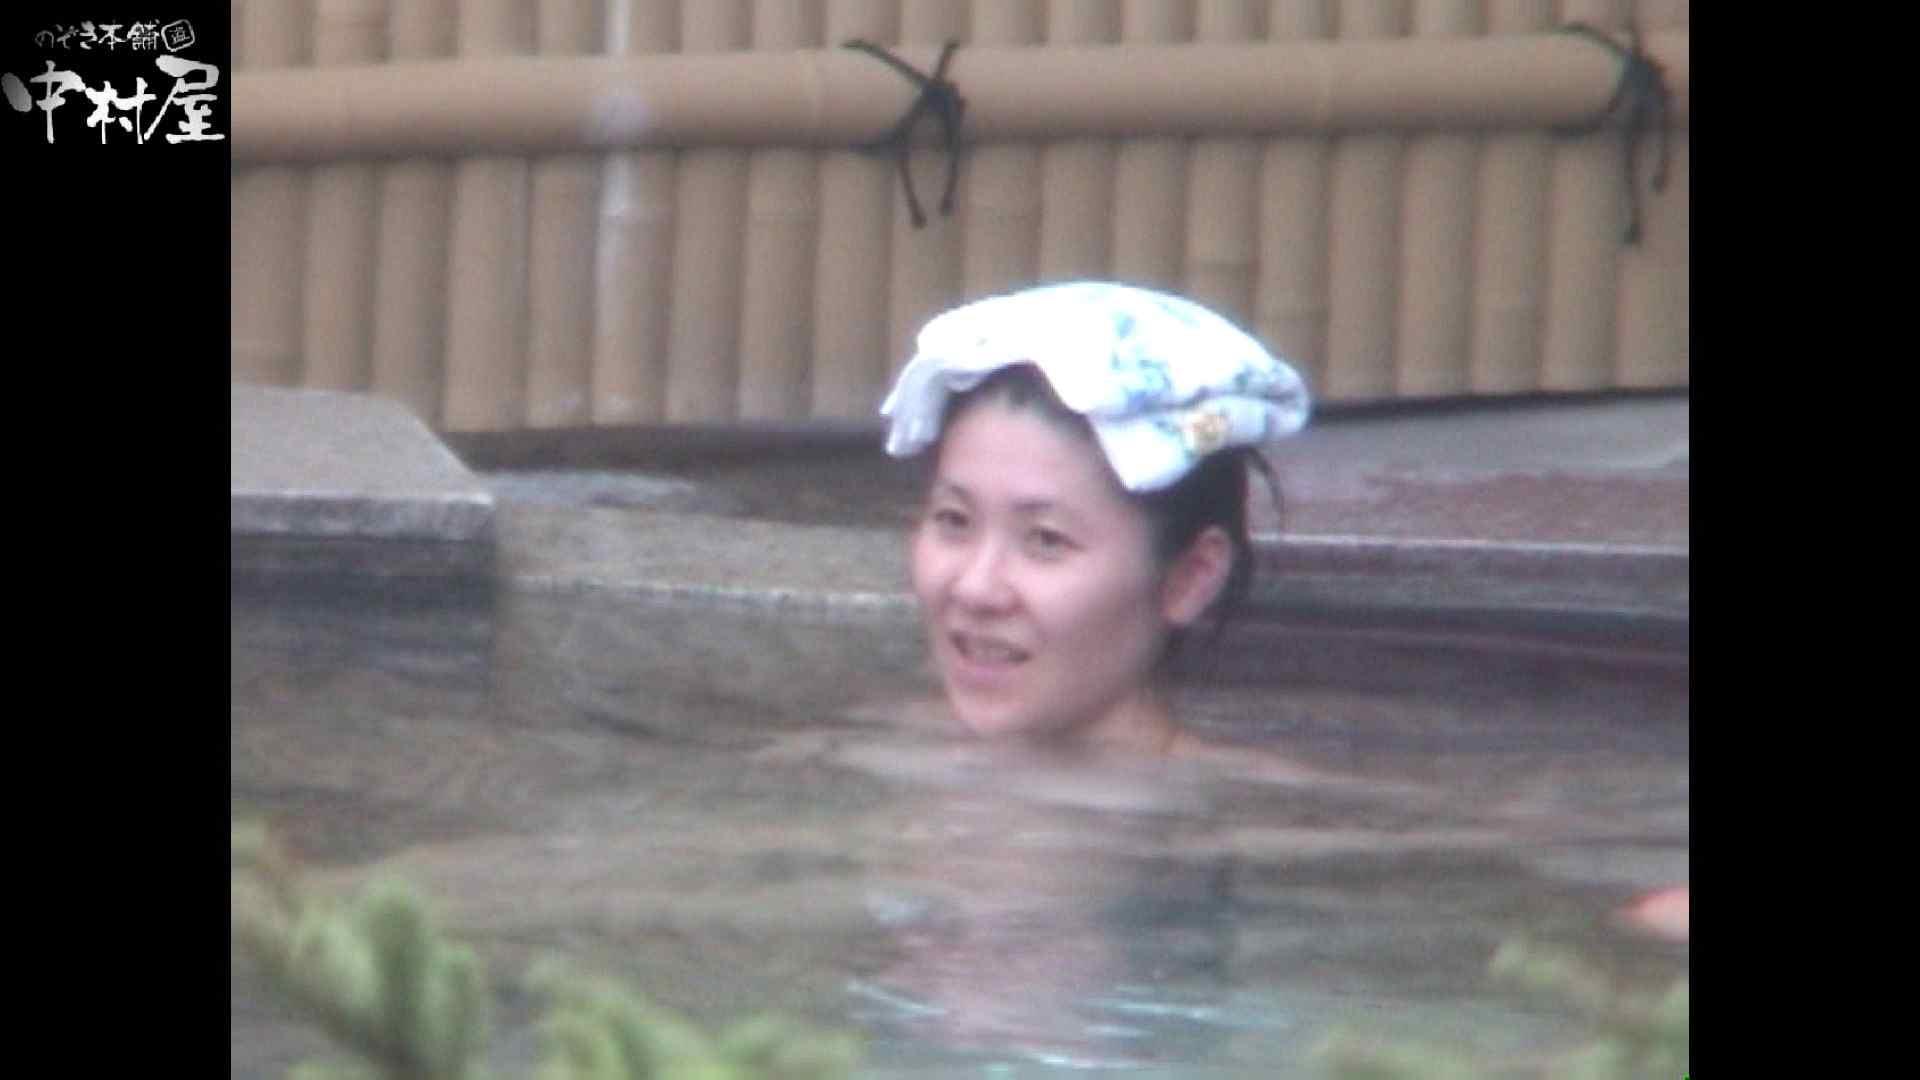 Aquaな露天風呂Vol.925 盗撮  52画像 48